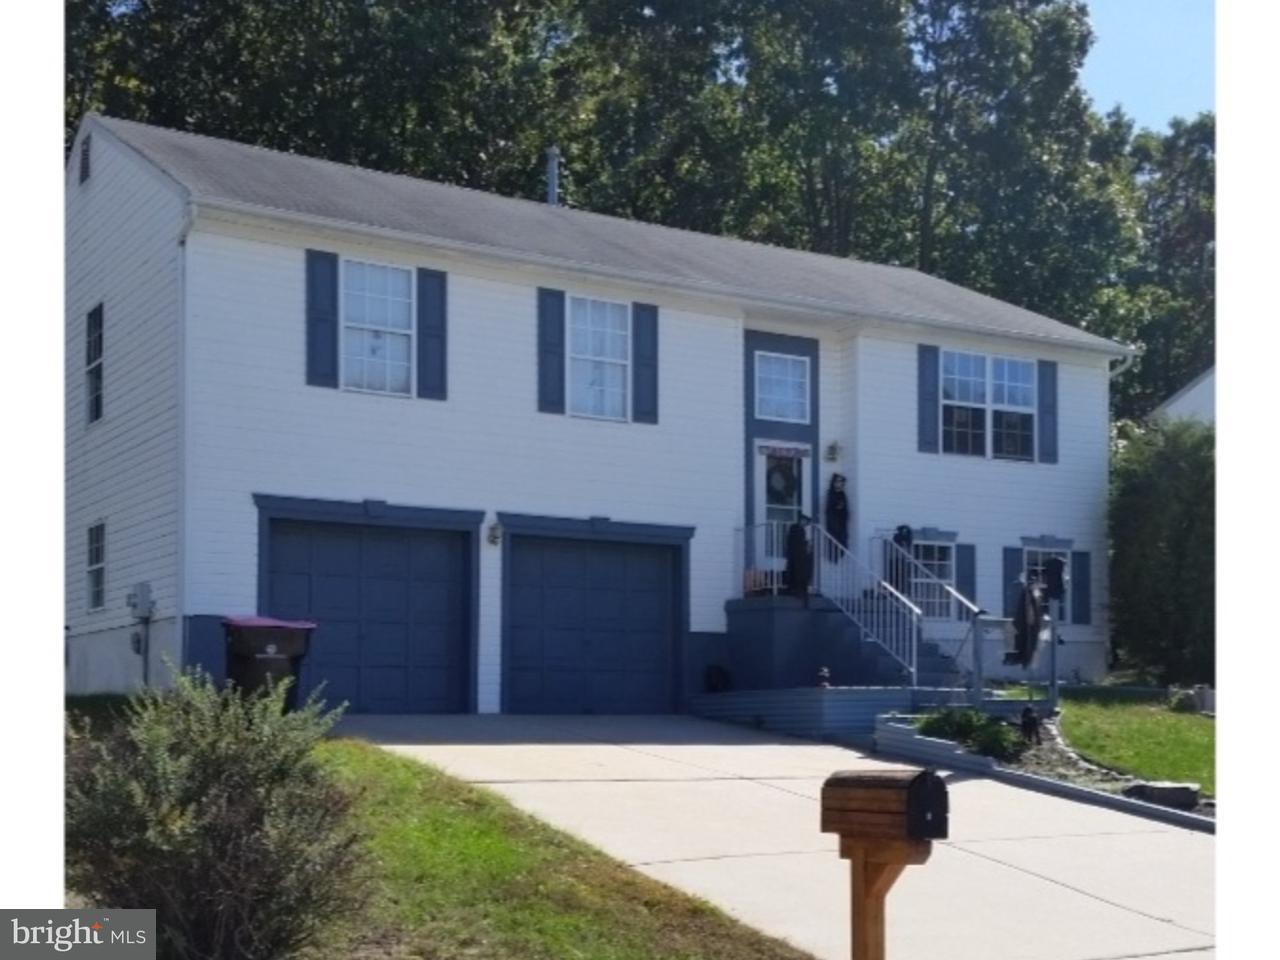 Maison unifamiliale pour l Vente à 8 PARSONS Court Erial, New Jersey 08081 États-Unis